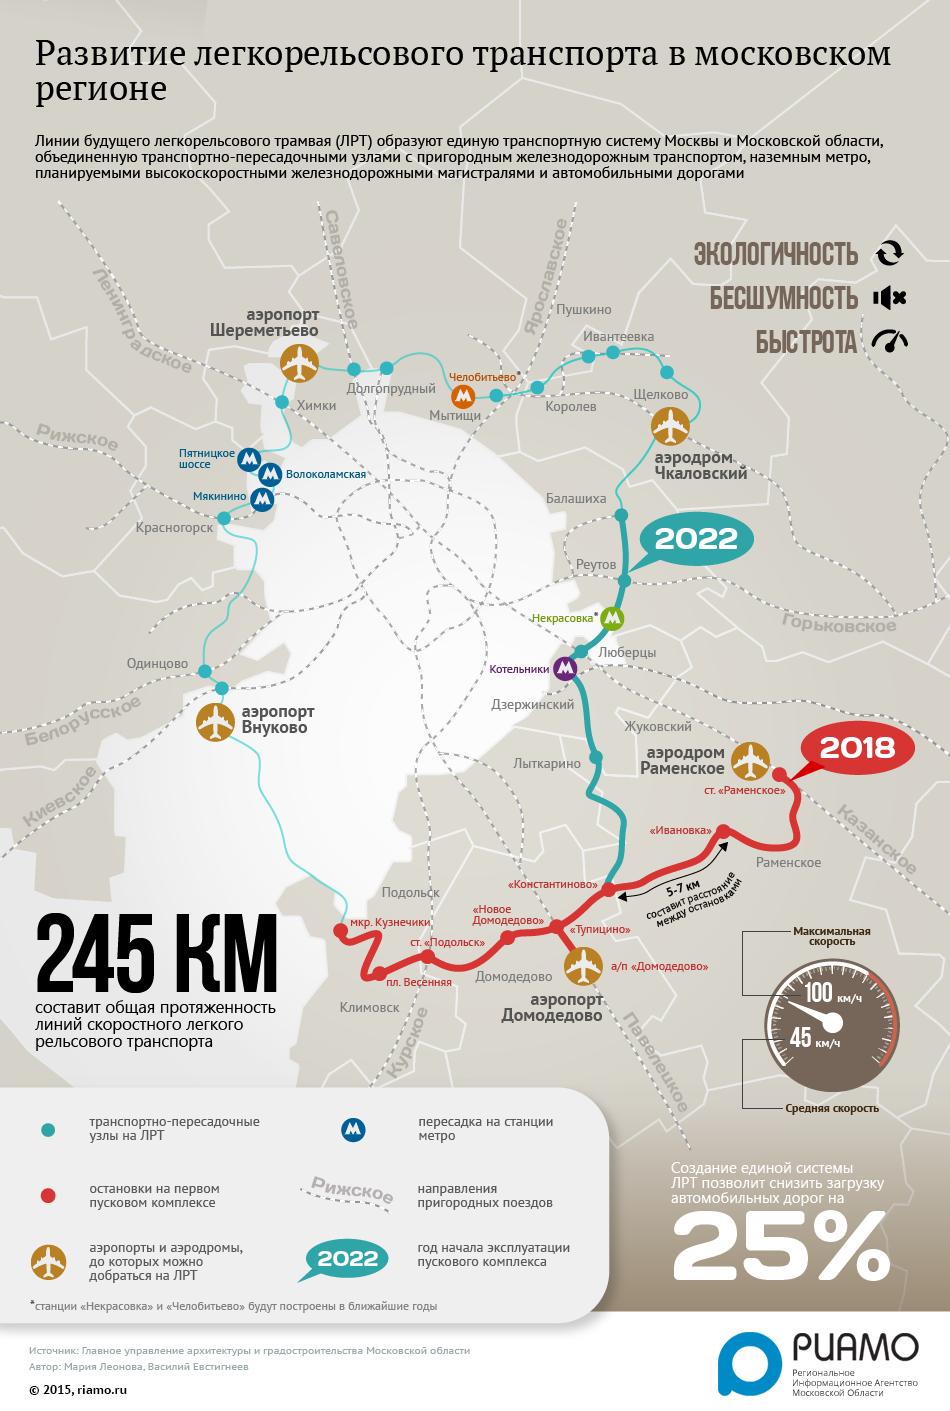 Схема легкого метро москвы 2020 фото 564